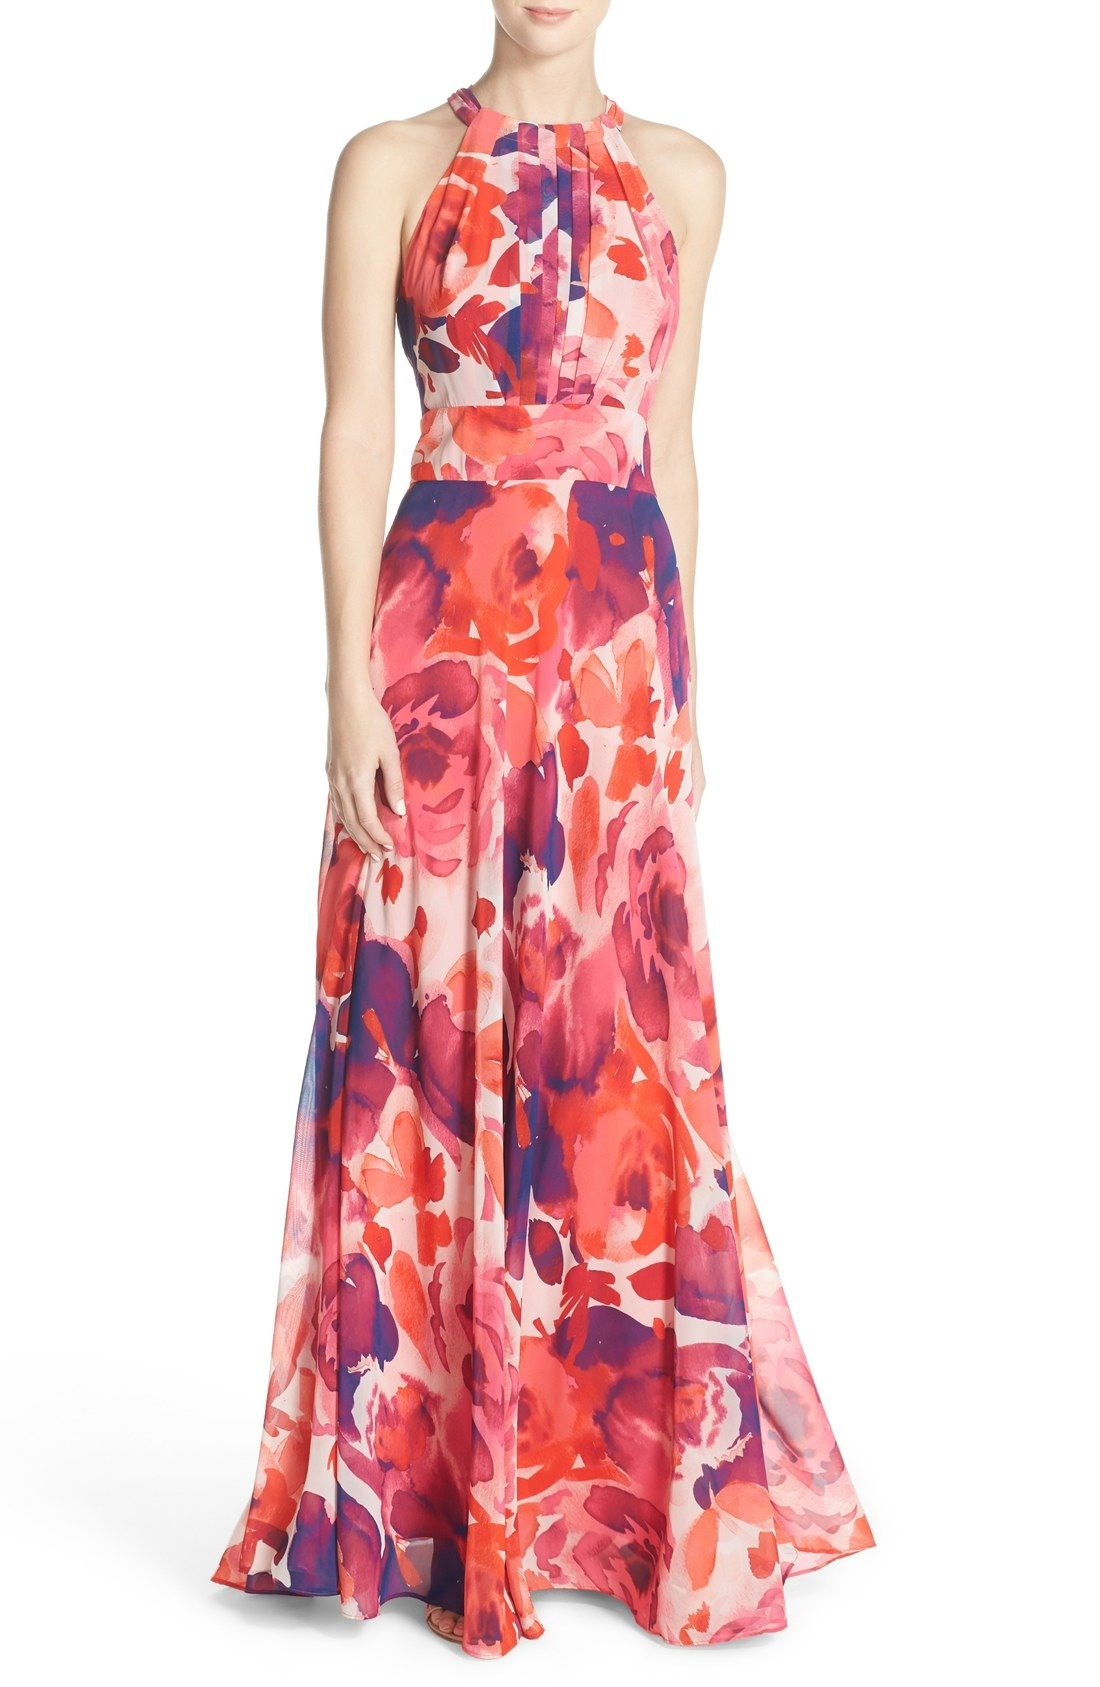 Floral Print Halter Maxi Dress | Halter maxi dresses, Maxi dresses ...